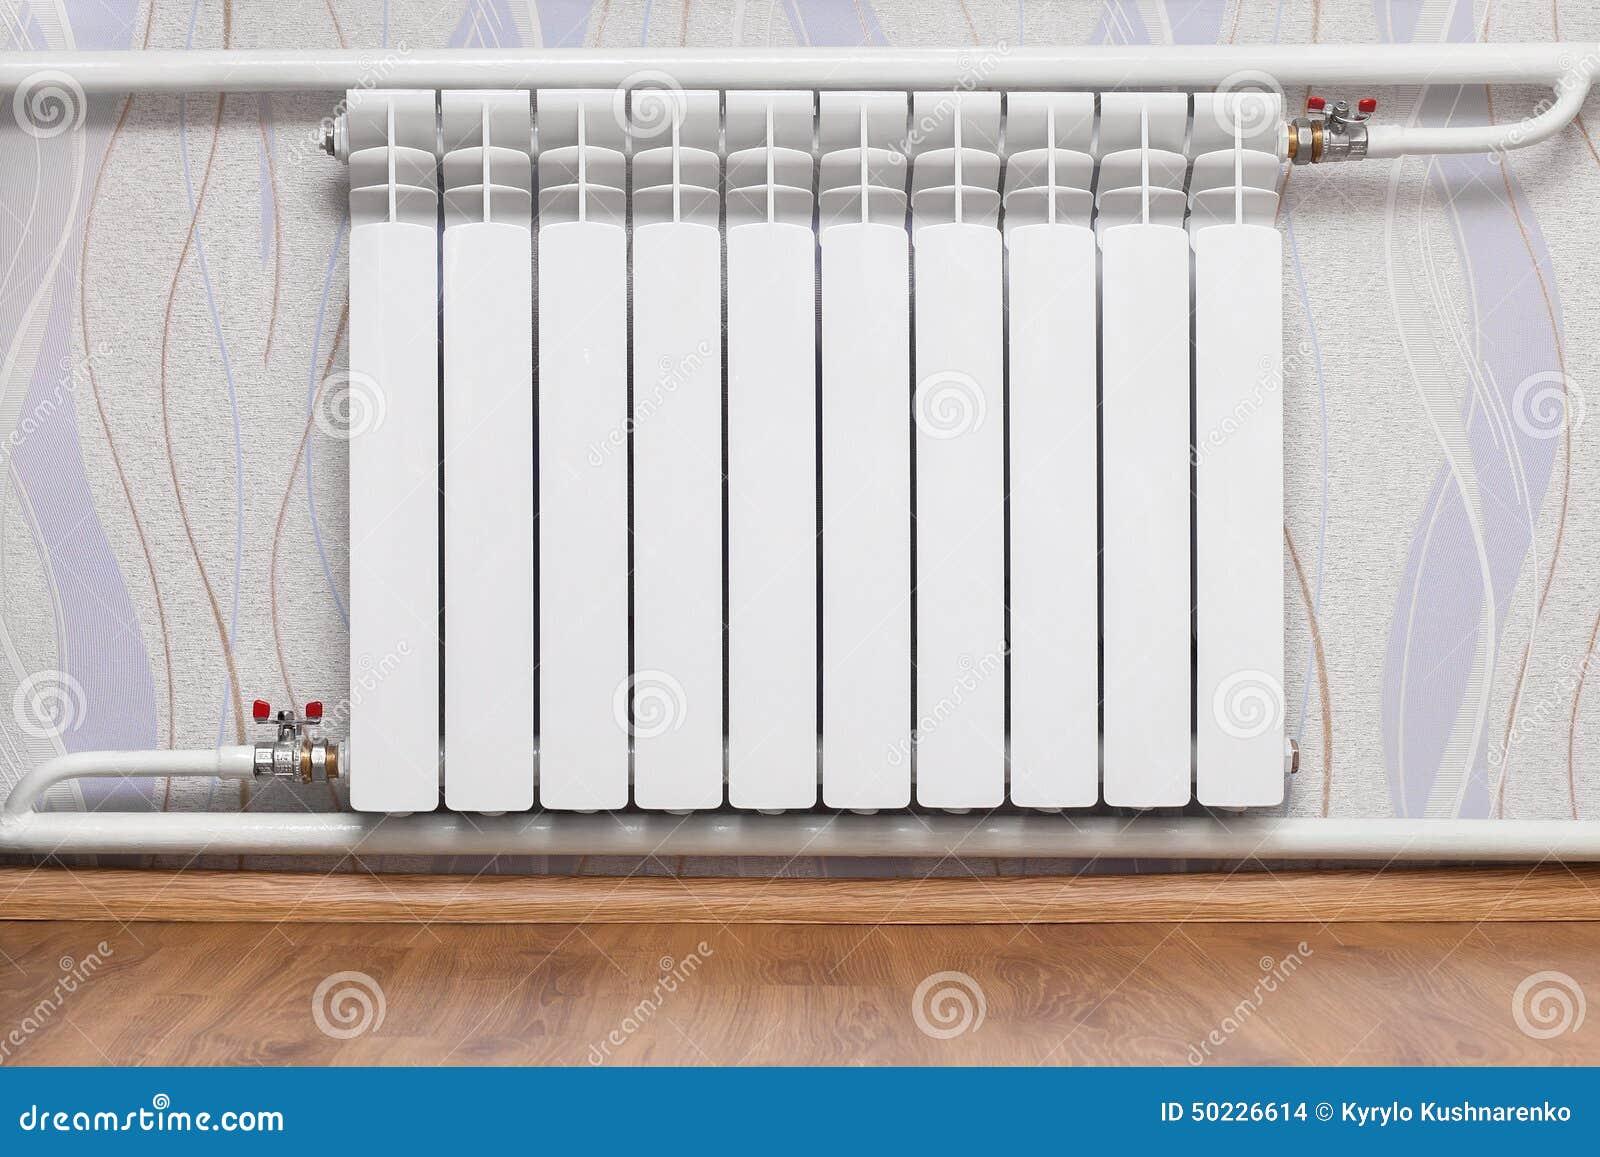 radiateur de chauffage dans la chambre photo stock image du m tal froid 50226614. Black Bedroom Furniture Sets. Home Design Ideas